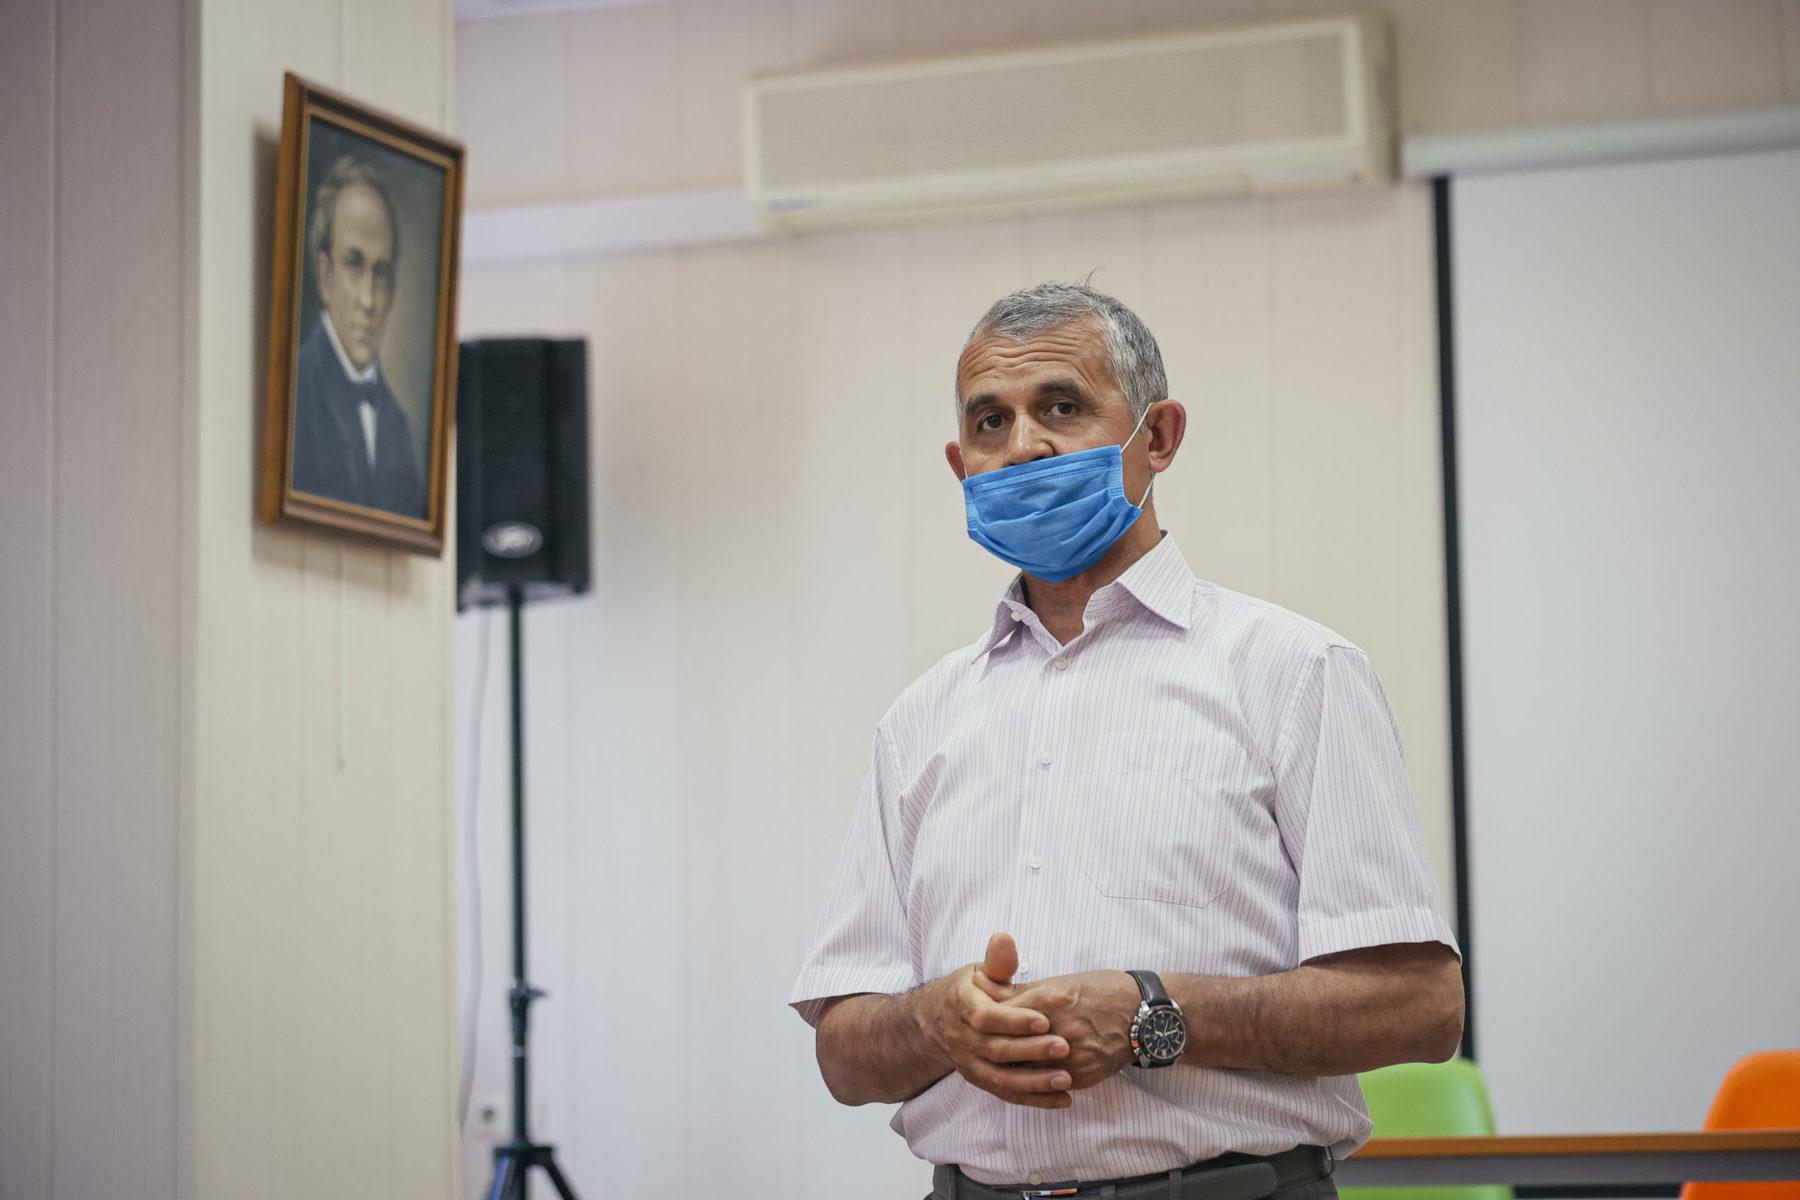 Владимир Шапкин выступил в Балашихе с отчетом о реализации партийных проектов за 5 лет